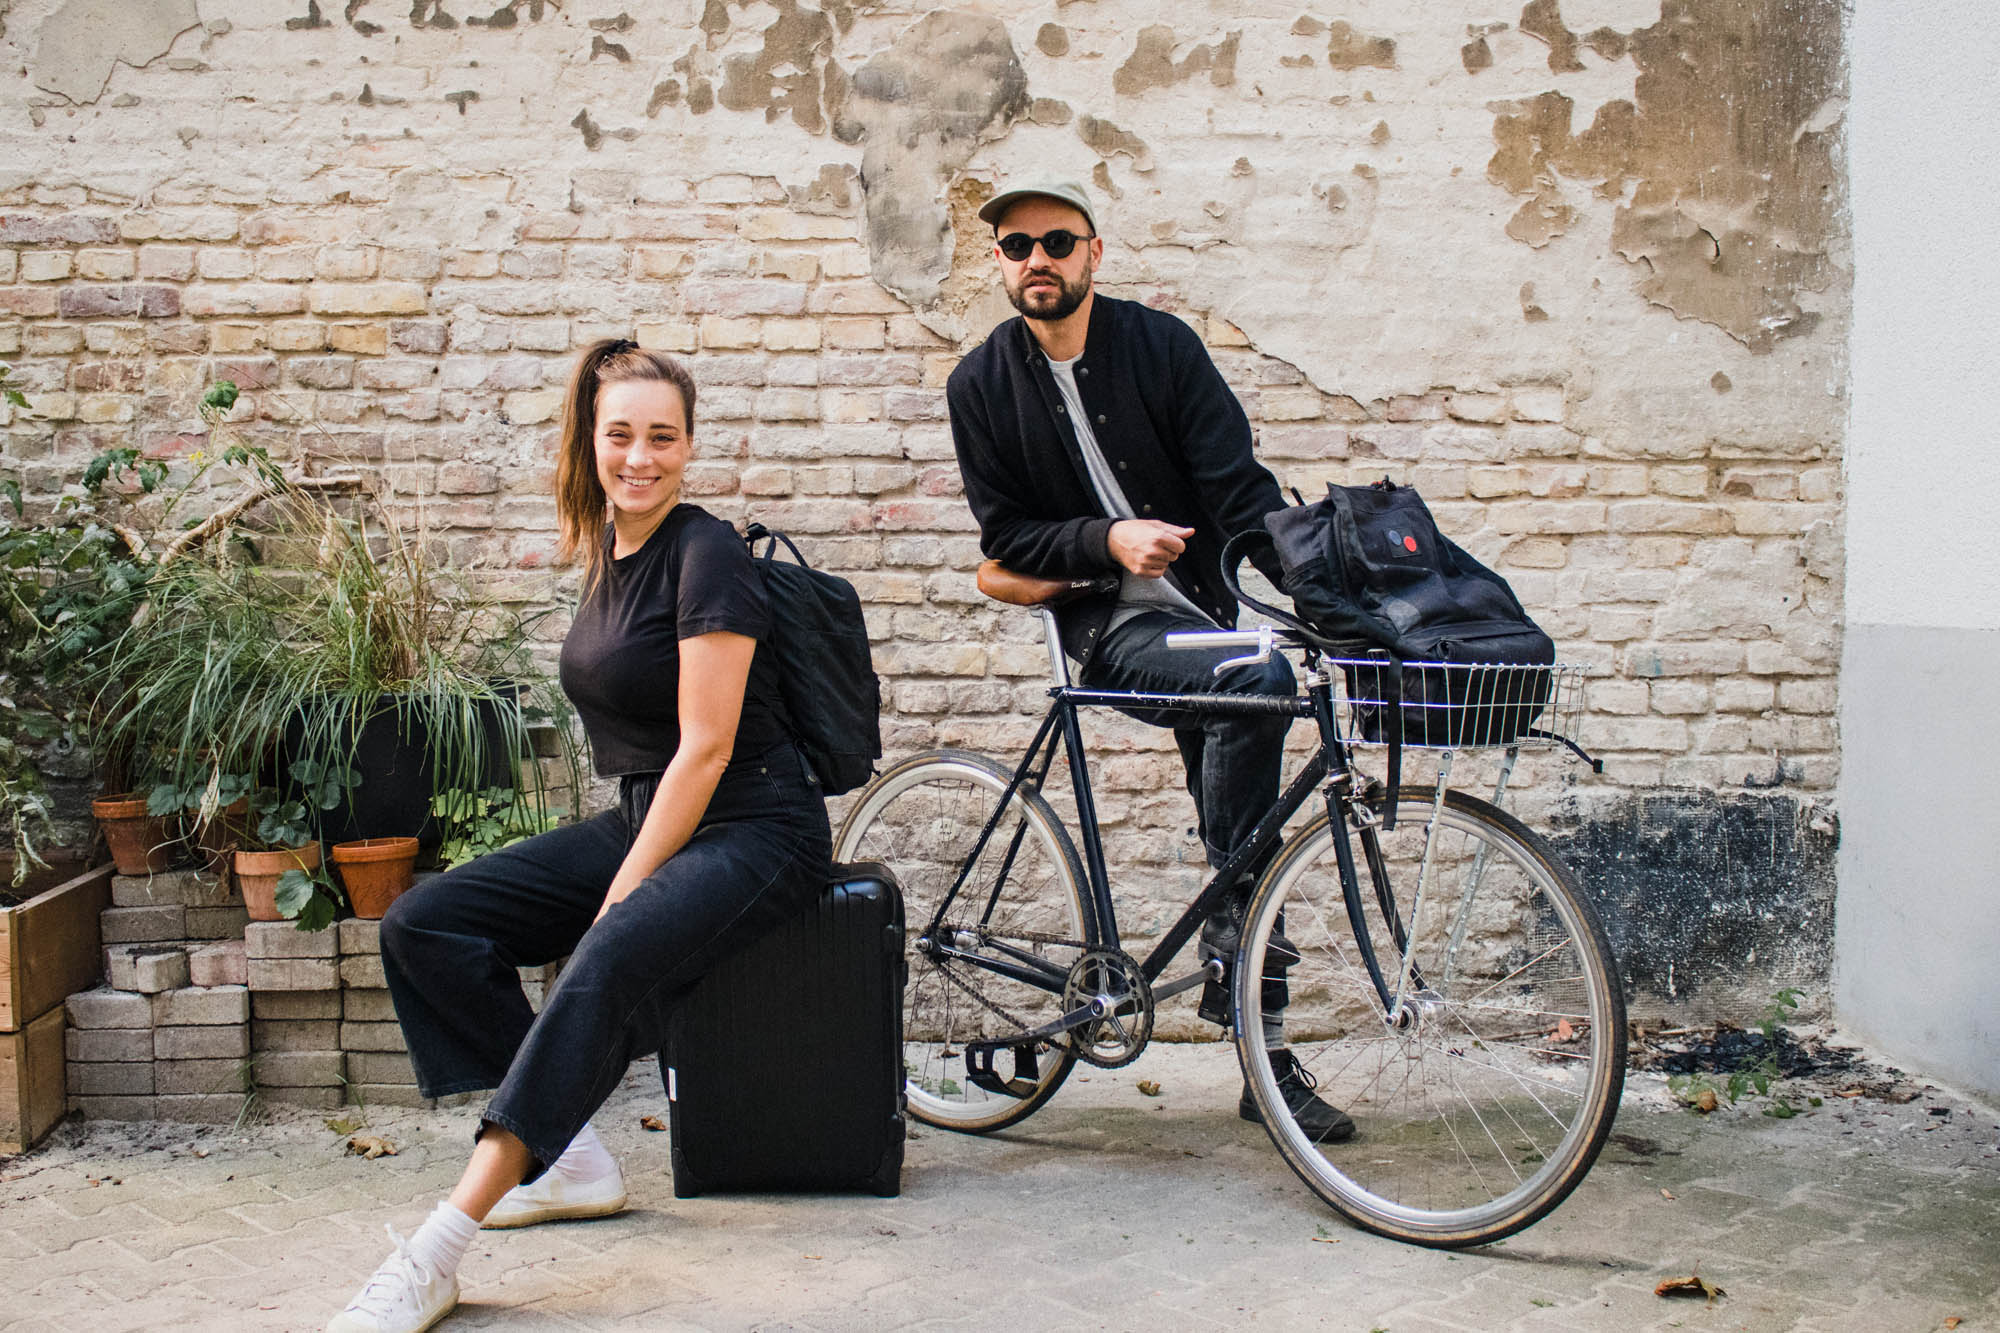 Reiseziele in der Nähe oder Urlaub mit dem Rad verbessern den ökologischen Fußabdruck.